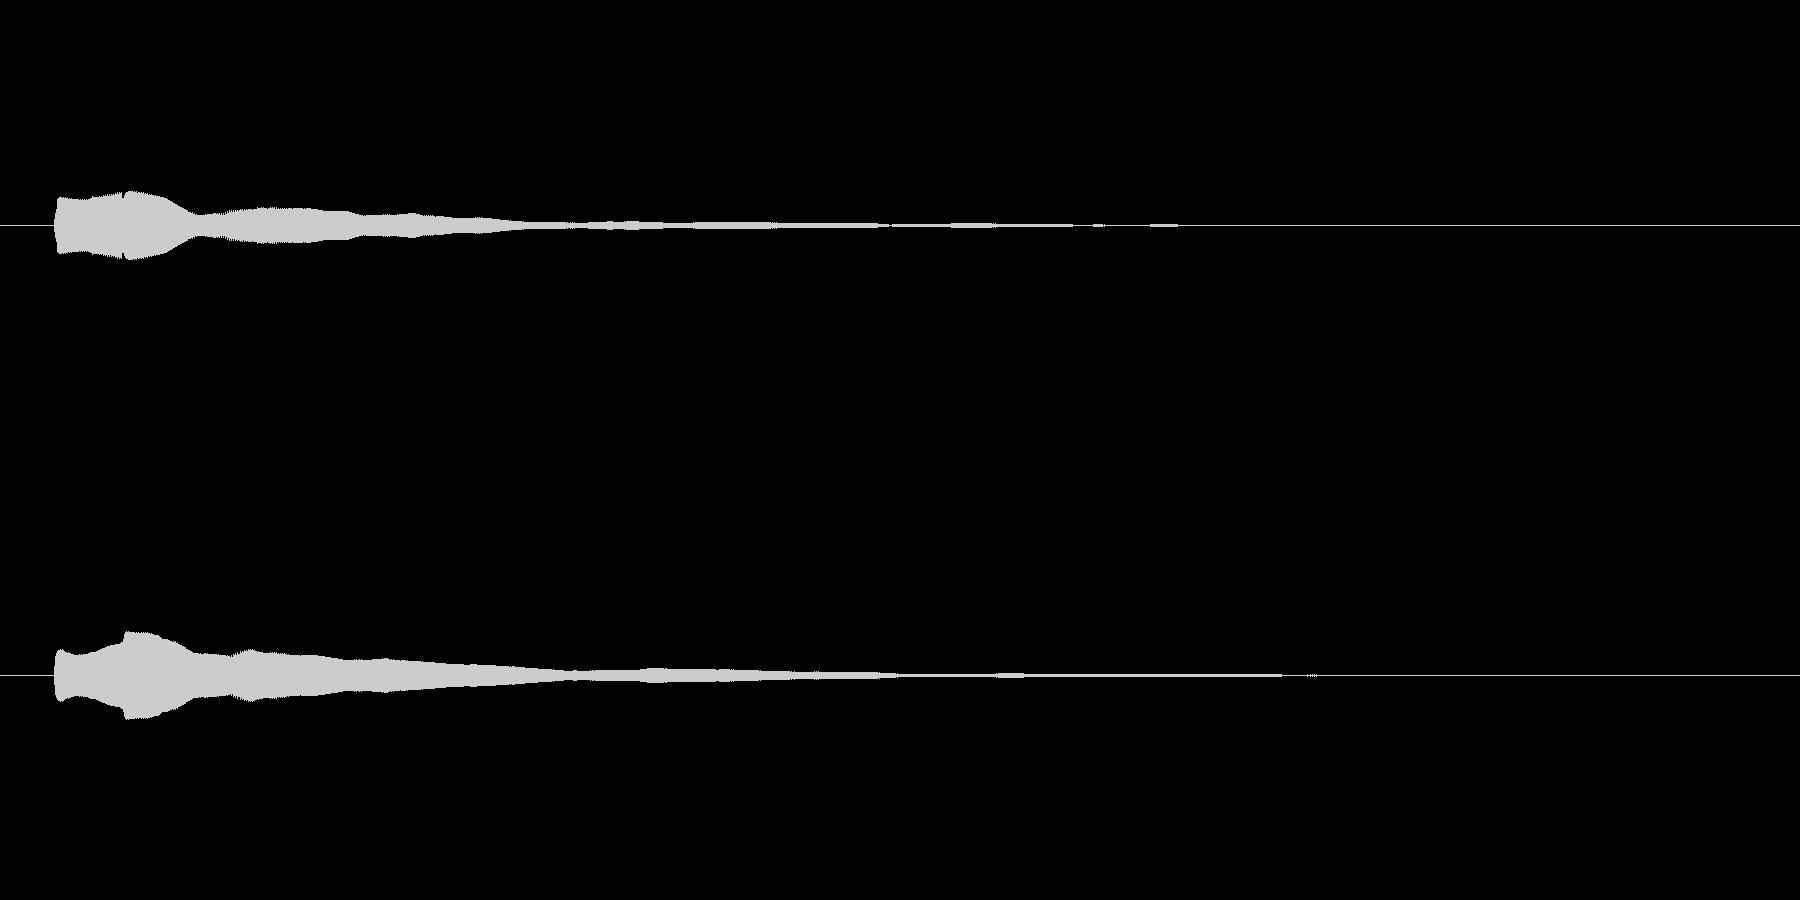 電子音「ポーン」 通常 の未再生の波形